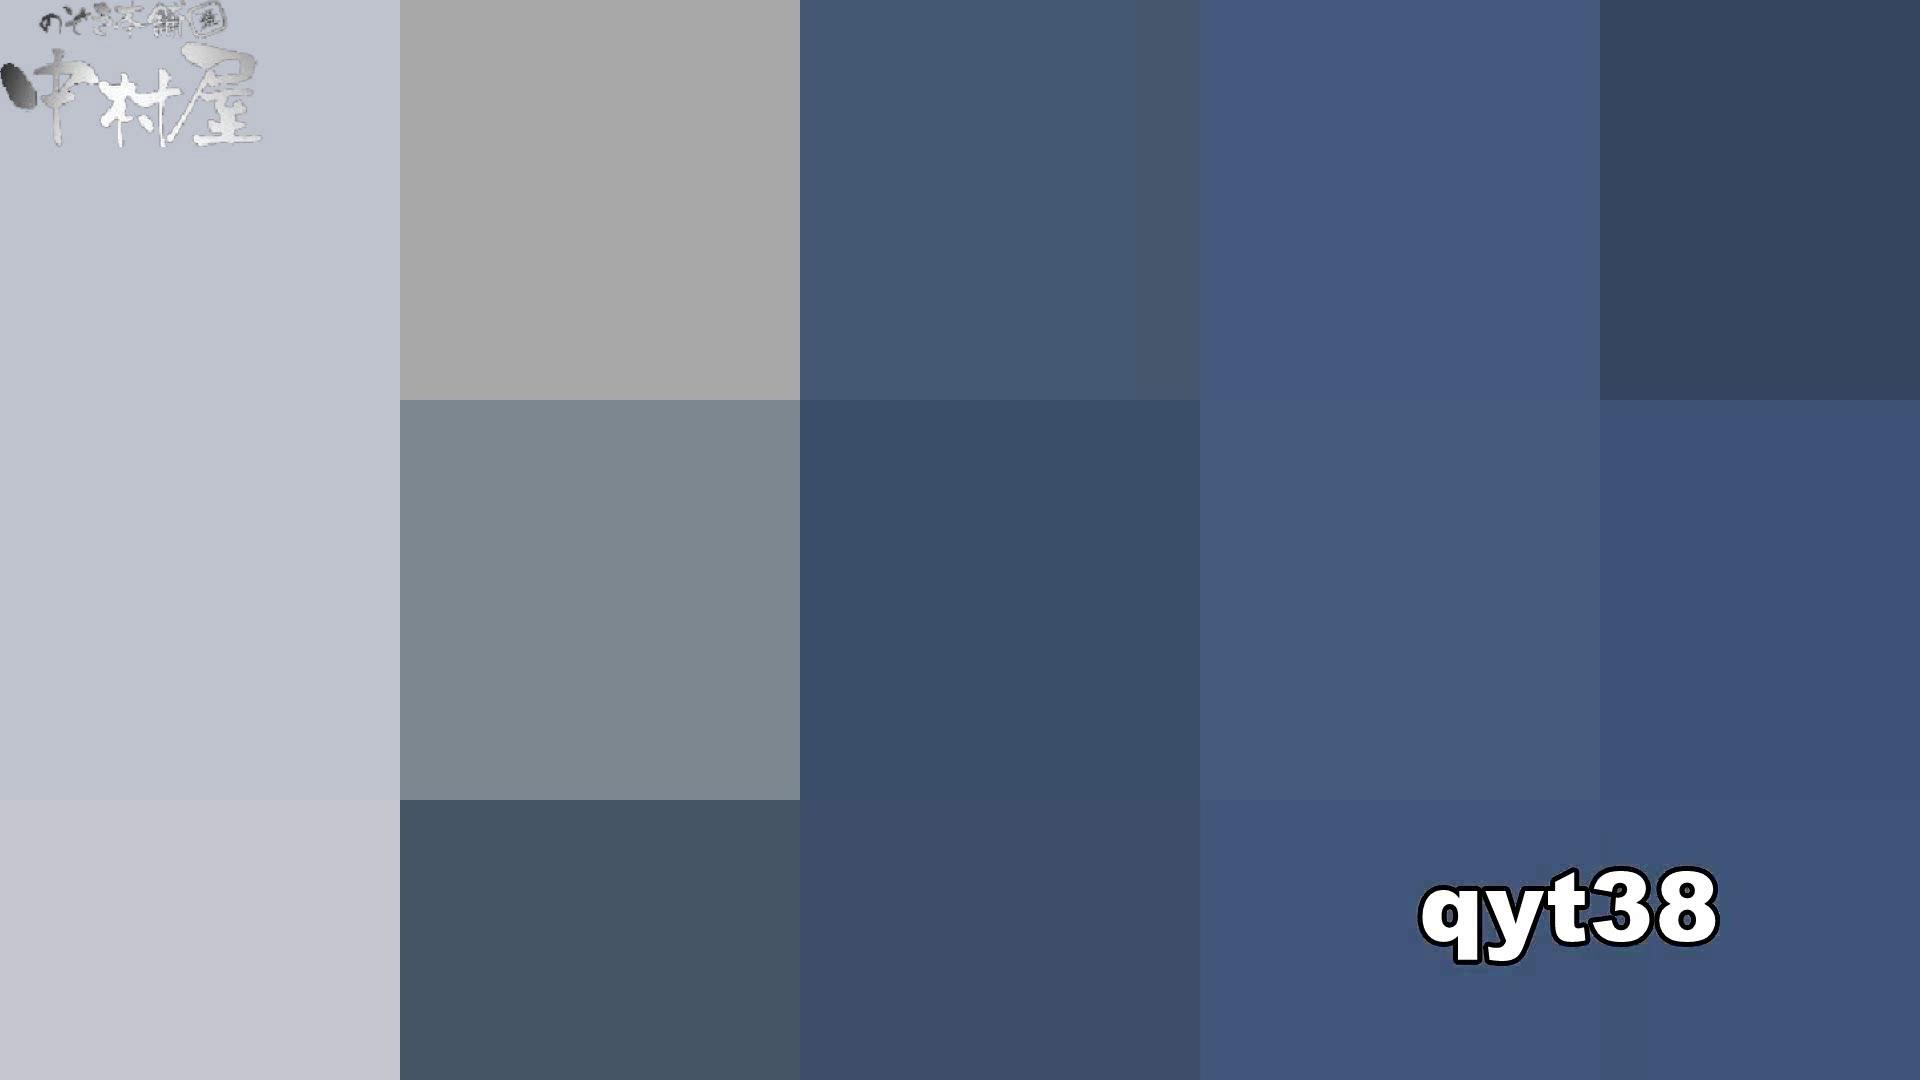 【お銀さんの「洗面所突入レポート!!」】お銀さんの「洗面所突入レポート!!」 vol.38 蛇玉的なイキオイ OLエロ画像 | 洗面所  97PICs 87